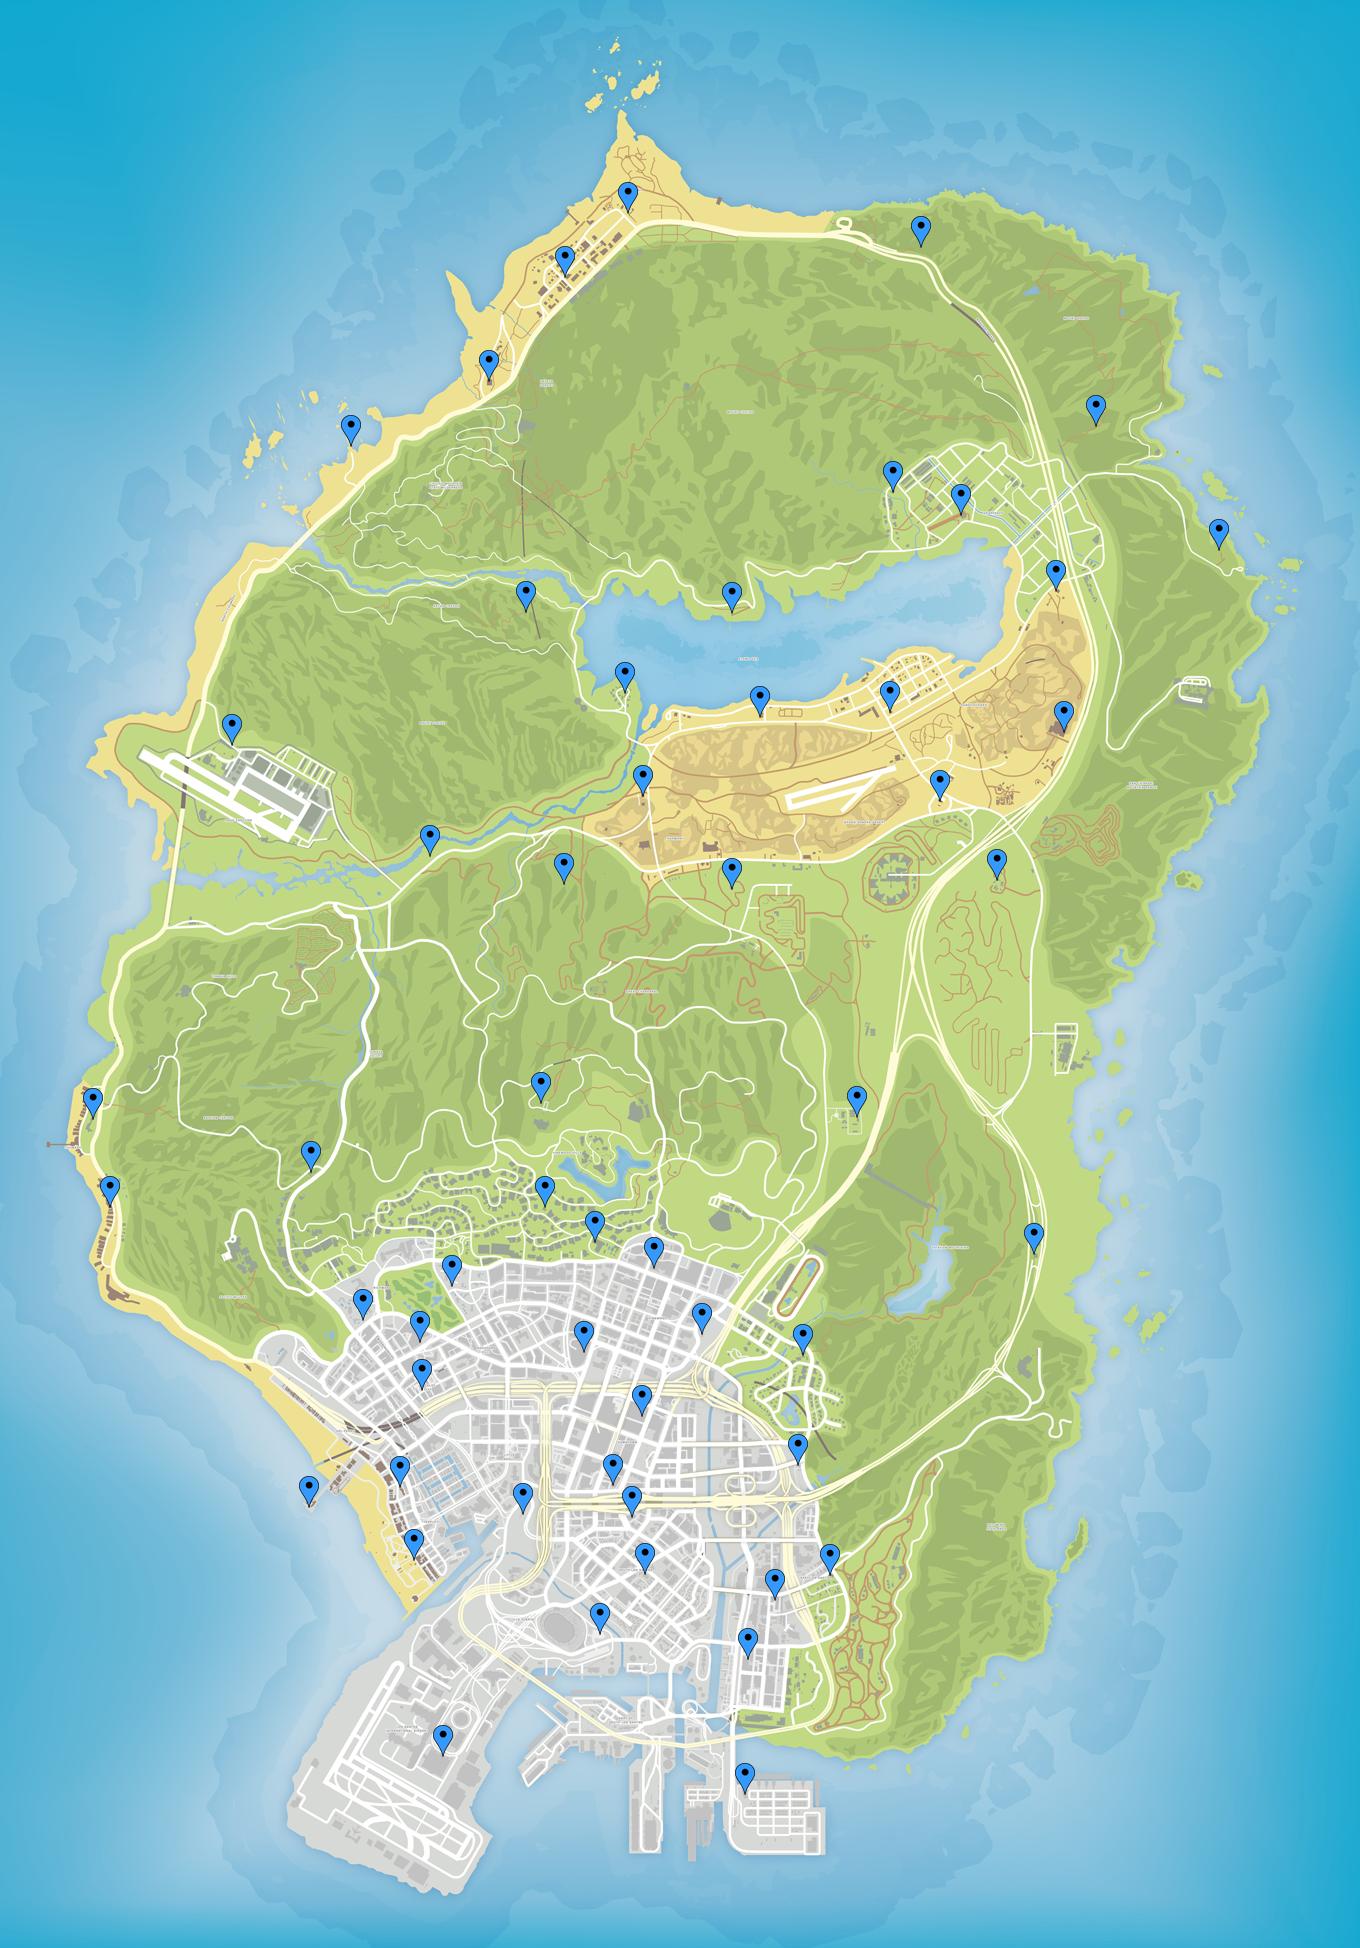 54 игральные карты в gta 5 online: все расположения на картах